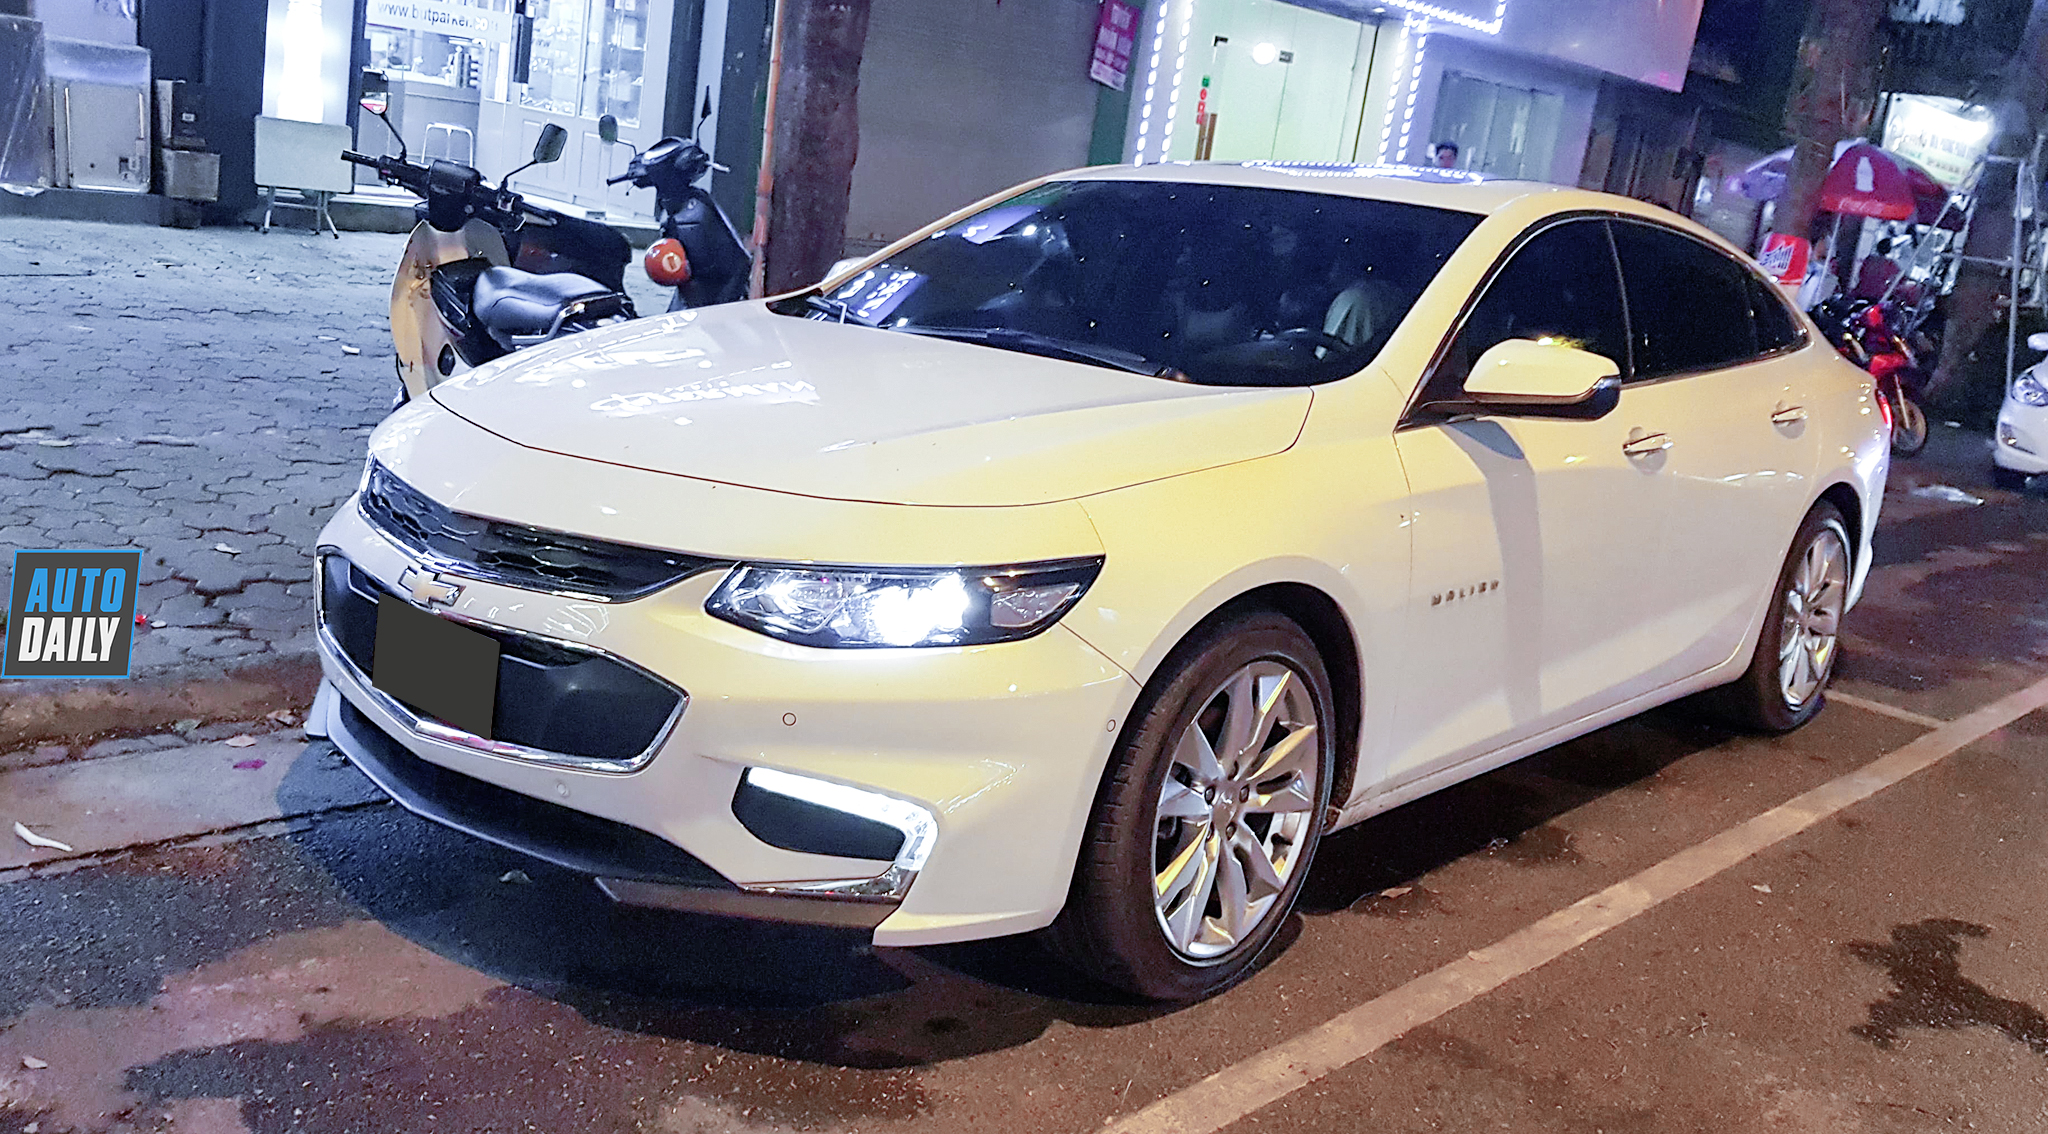 Xế lạ Chevrolet Malibu xuất hiện tại VN, rộ tin đồn sắp bán chính hãng